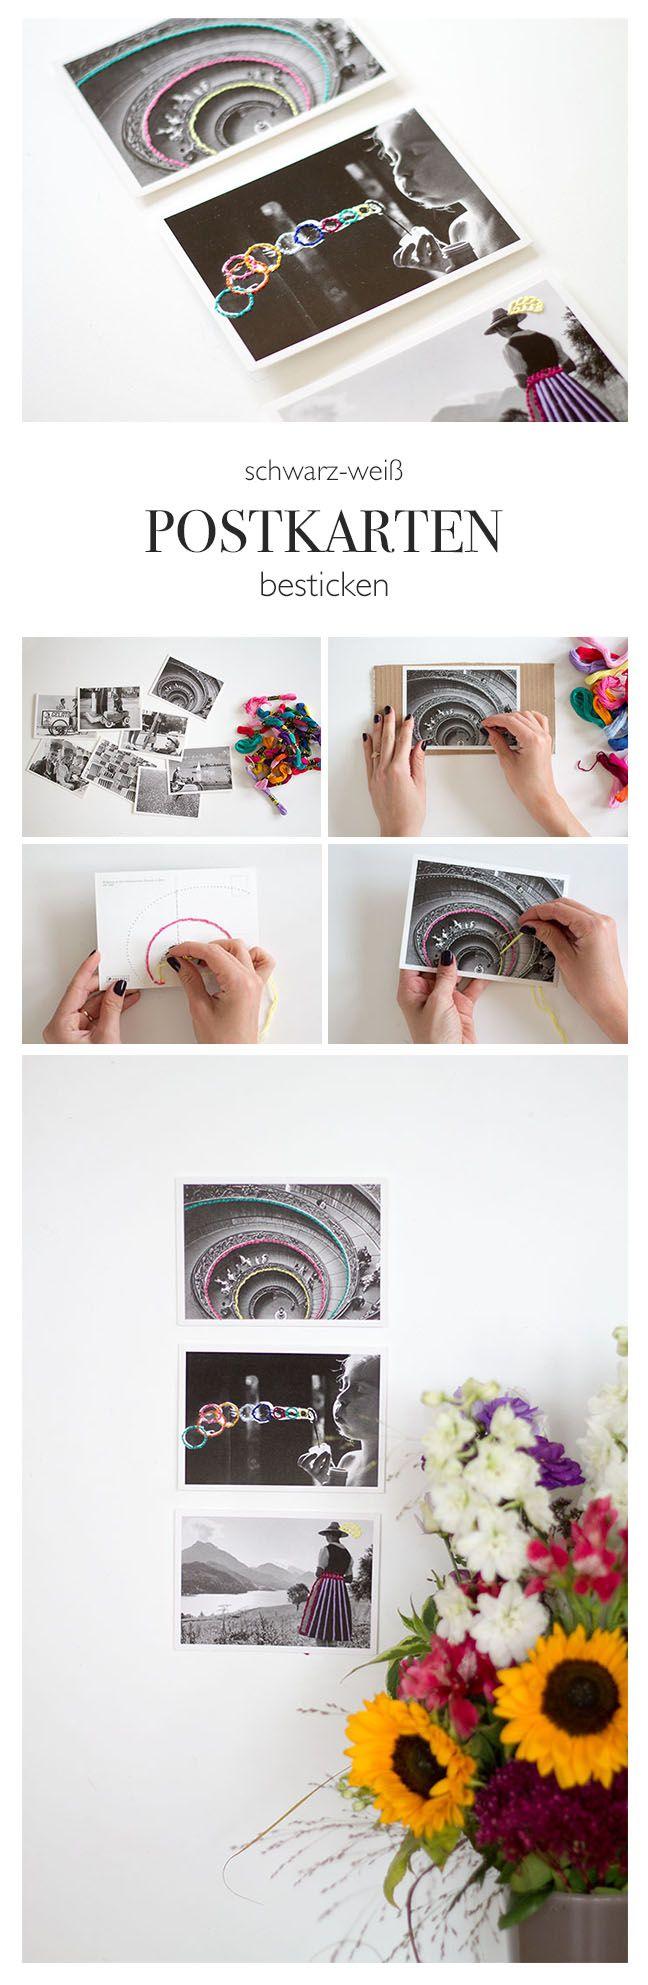 Anleitung Postkarten besticken - mit Perlgarn bestickte schwarz-weiß Postkarten oder Kalenderblätter - lindaloves.de: DIY Blog - einfach selbermachen